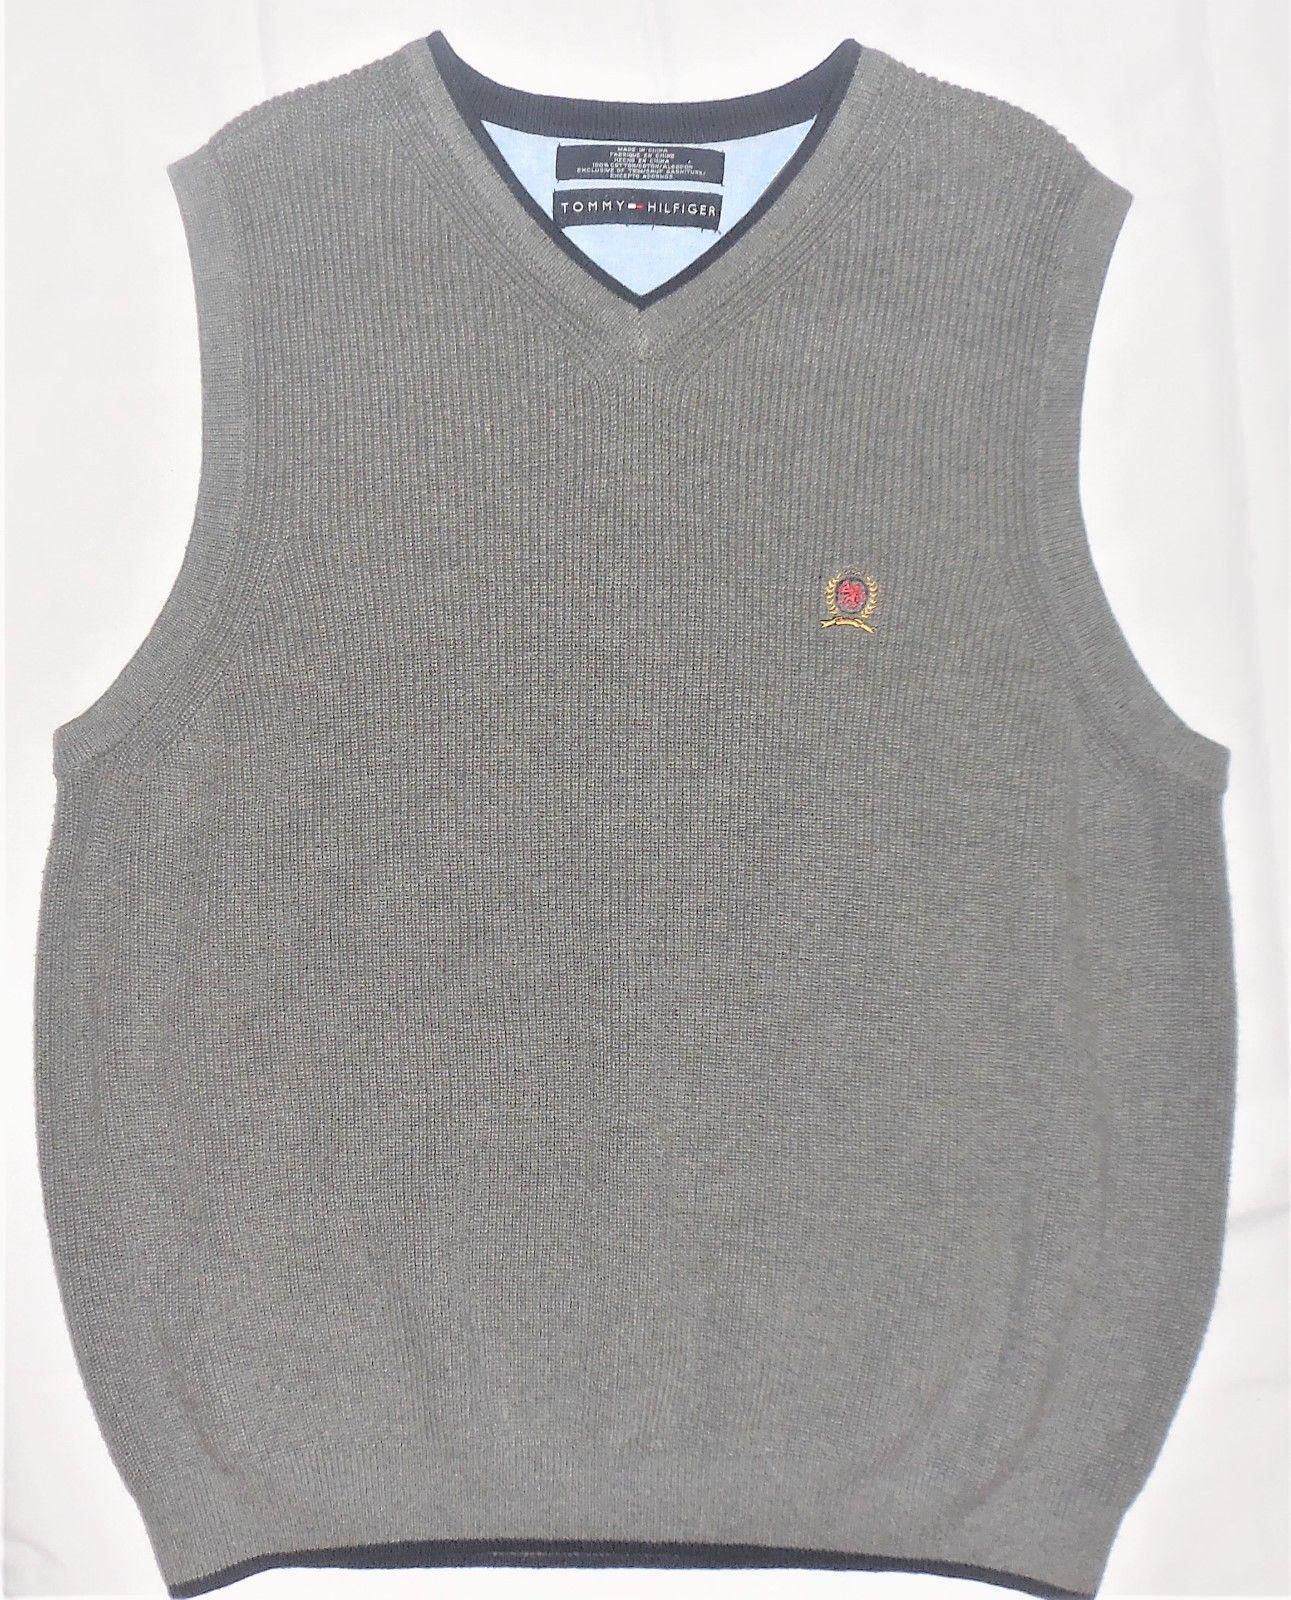 Tommy Hilfiger M Gray Knit V-Neck 100% Cotton Pullover Sleeveless Sweater Vest